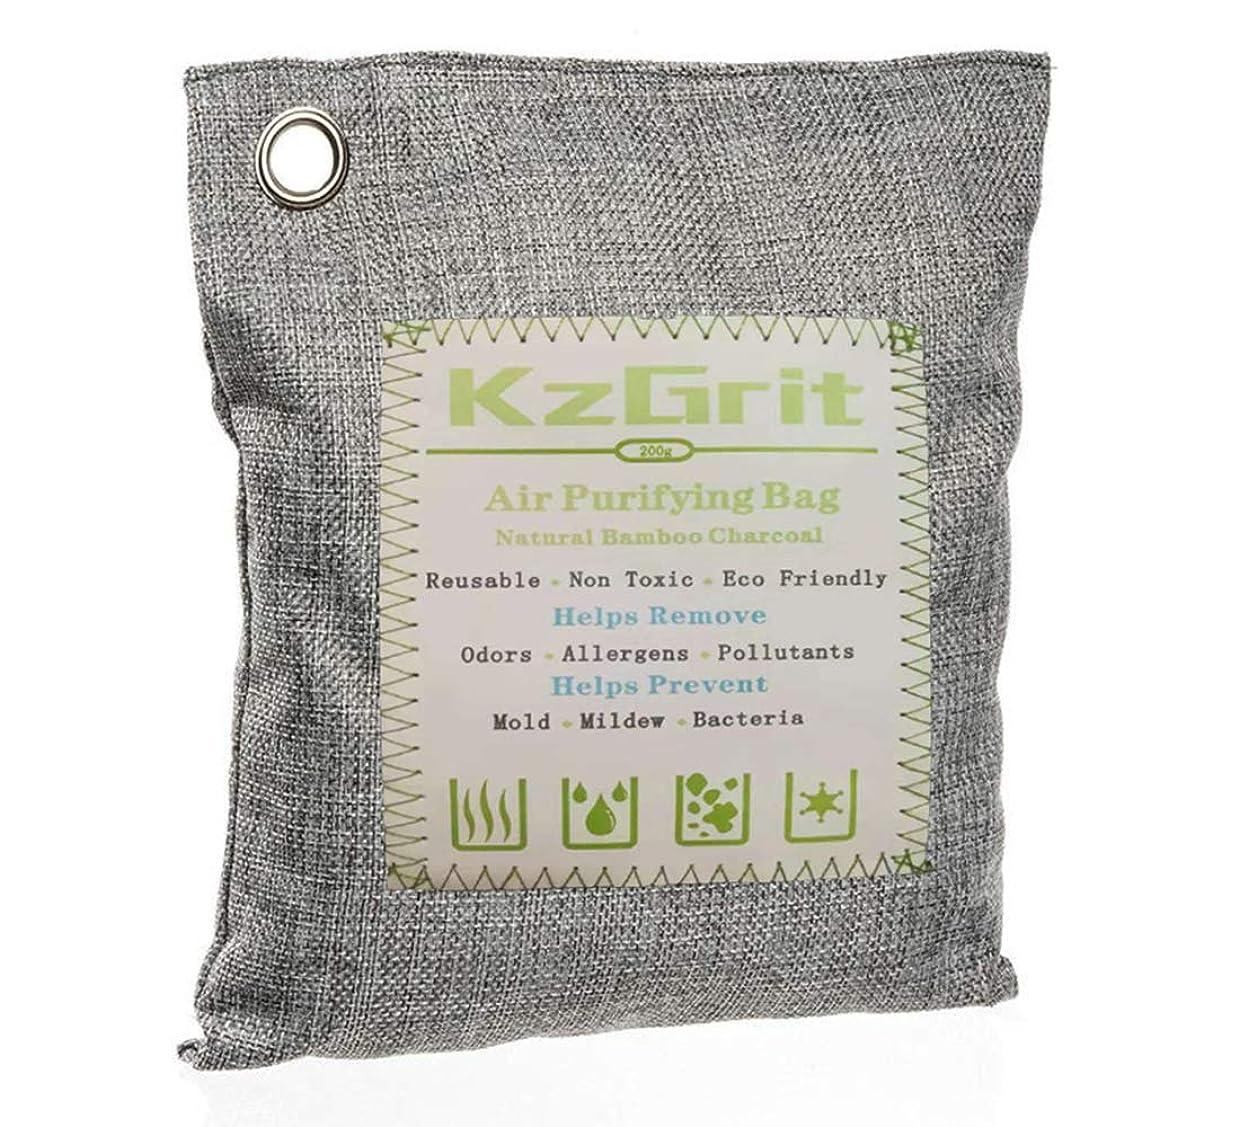 つまずく戸口そうKzGrit 竹炭バッグ 消臭 除湿 200g 脱臭剤 空気清浄 無毒 無香料 繰り返し使用可能 環境にやさしい 車内、ペットエリア、部屋、クローゼット、梅雨など湿気の多い季節などで使用可能(グレー)